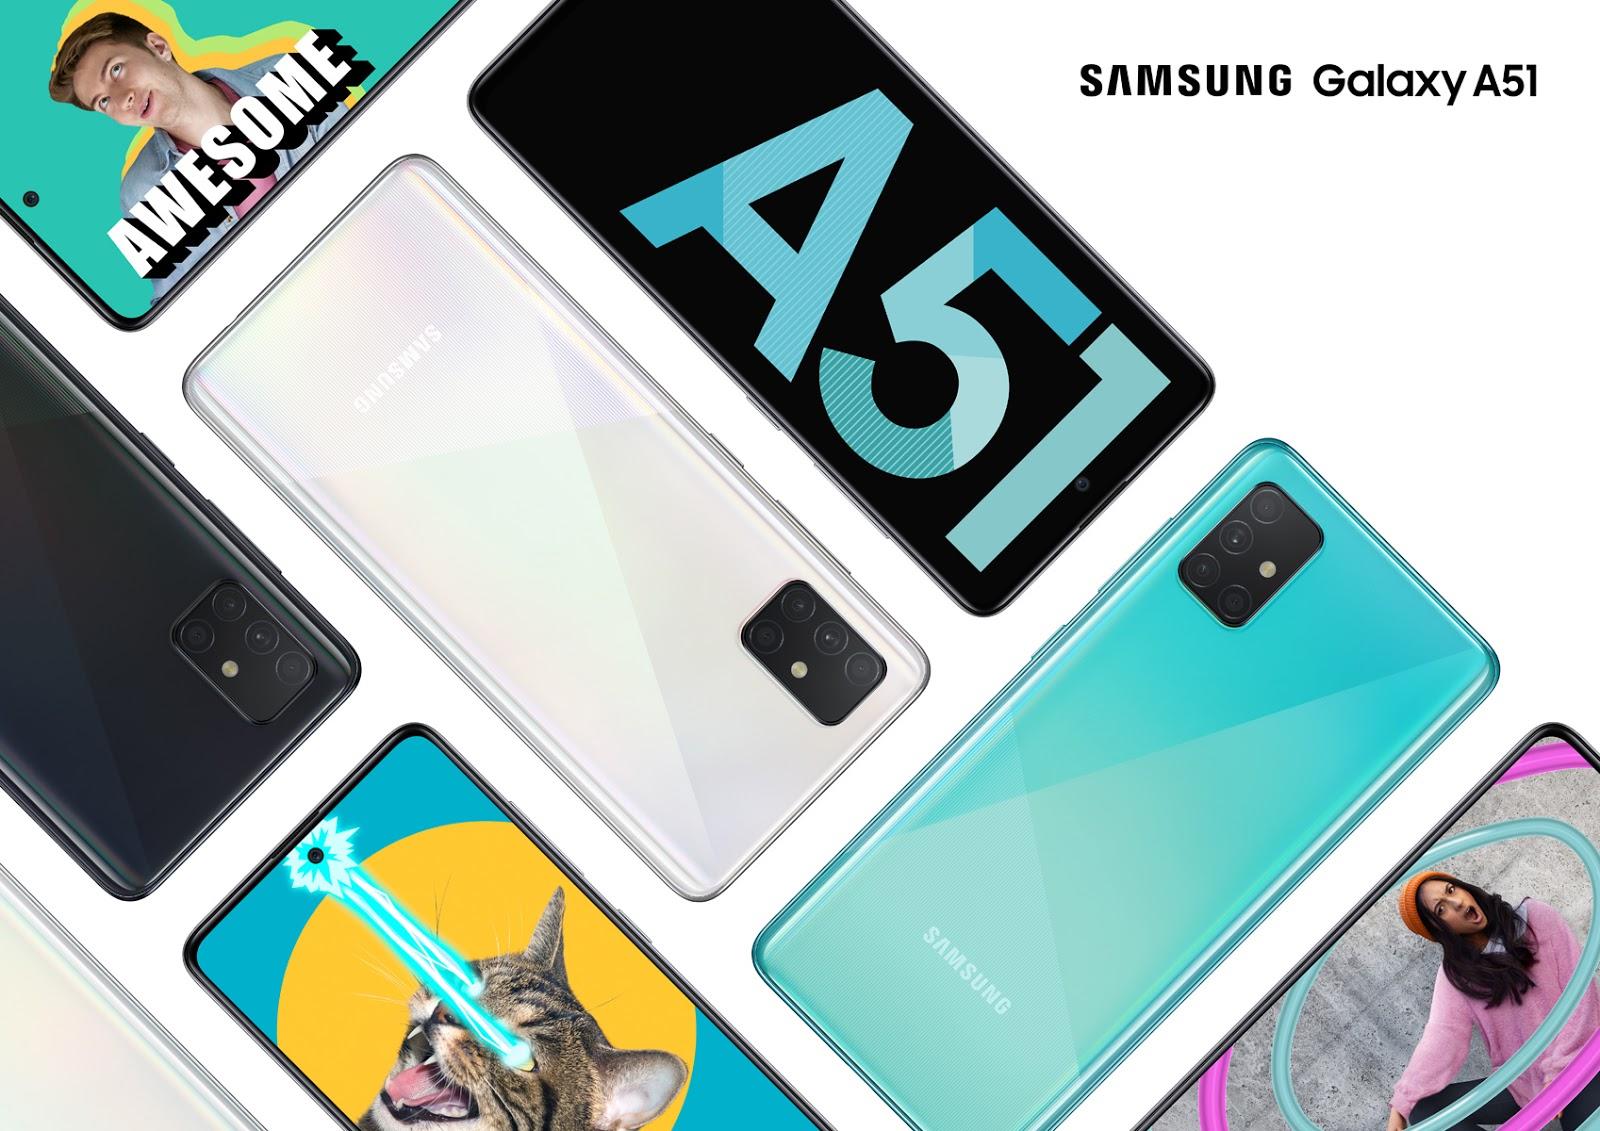 Samsung Hadirkan Galaxy A51 Versi RAM 8GB, Pre-order 16-22 Maret